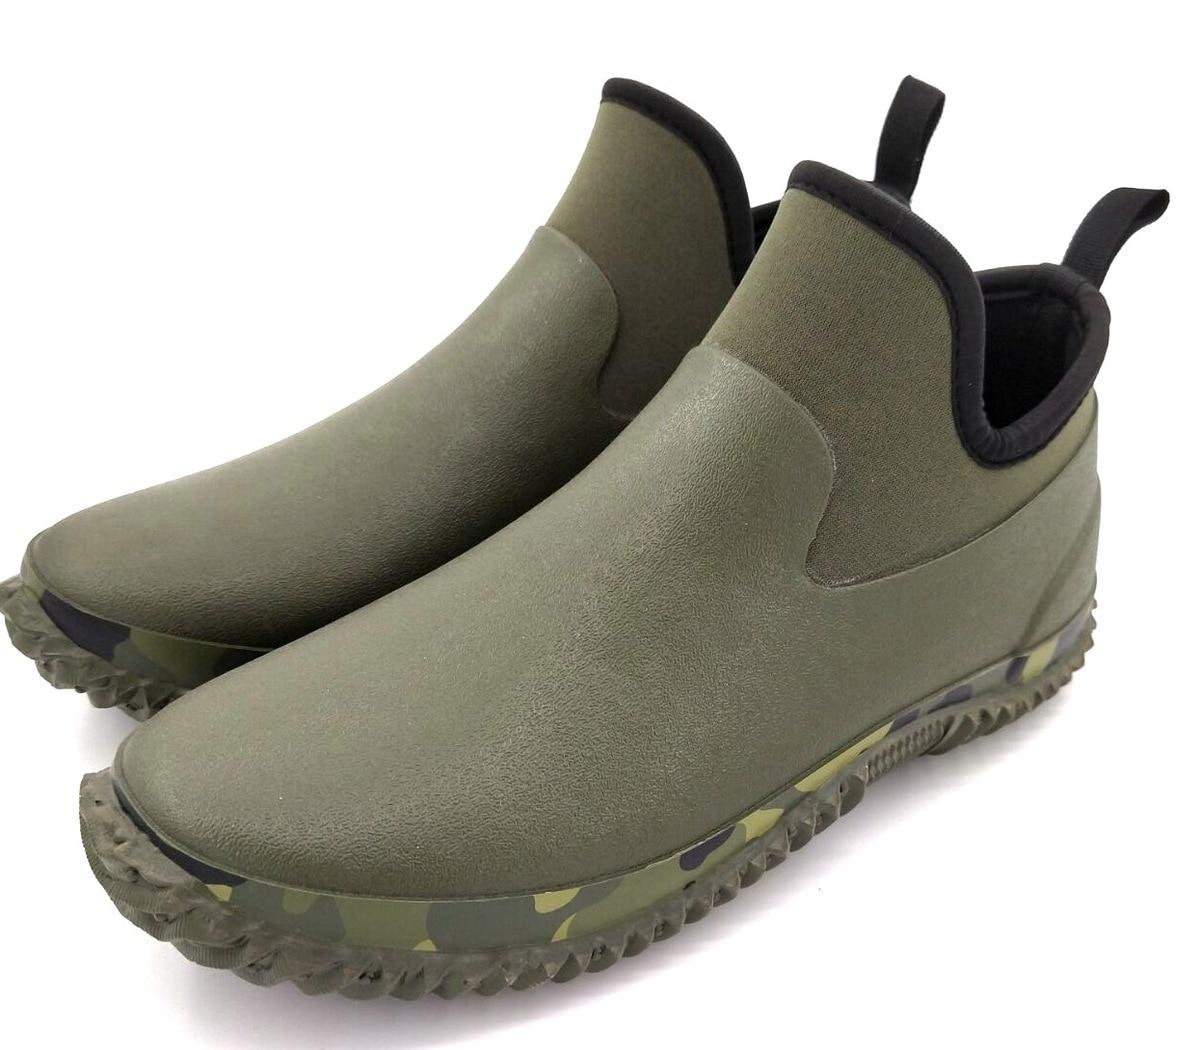 Imperméable à l'eau Eu 35-46 chaussures de pluie en caoutchouc bottes hommes antidérapant en plein air pêche voiture lavage jardin travail Aqua Wader chaussures d'eau femmes